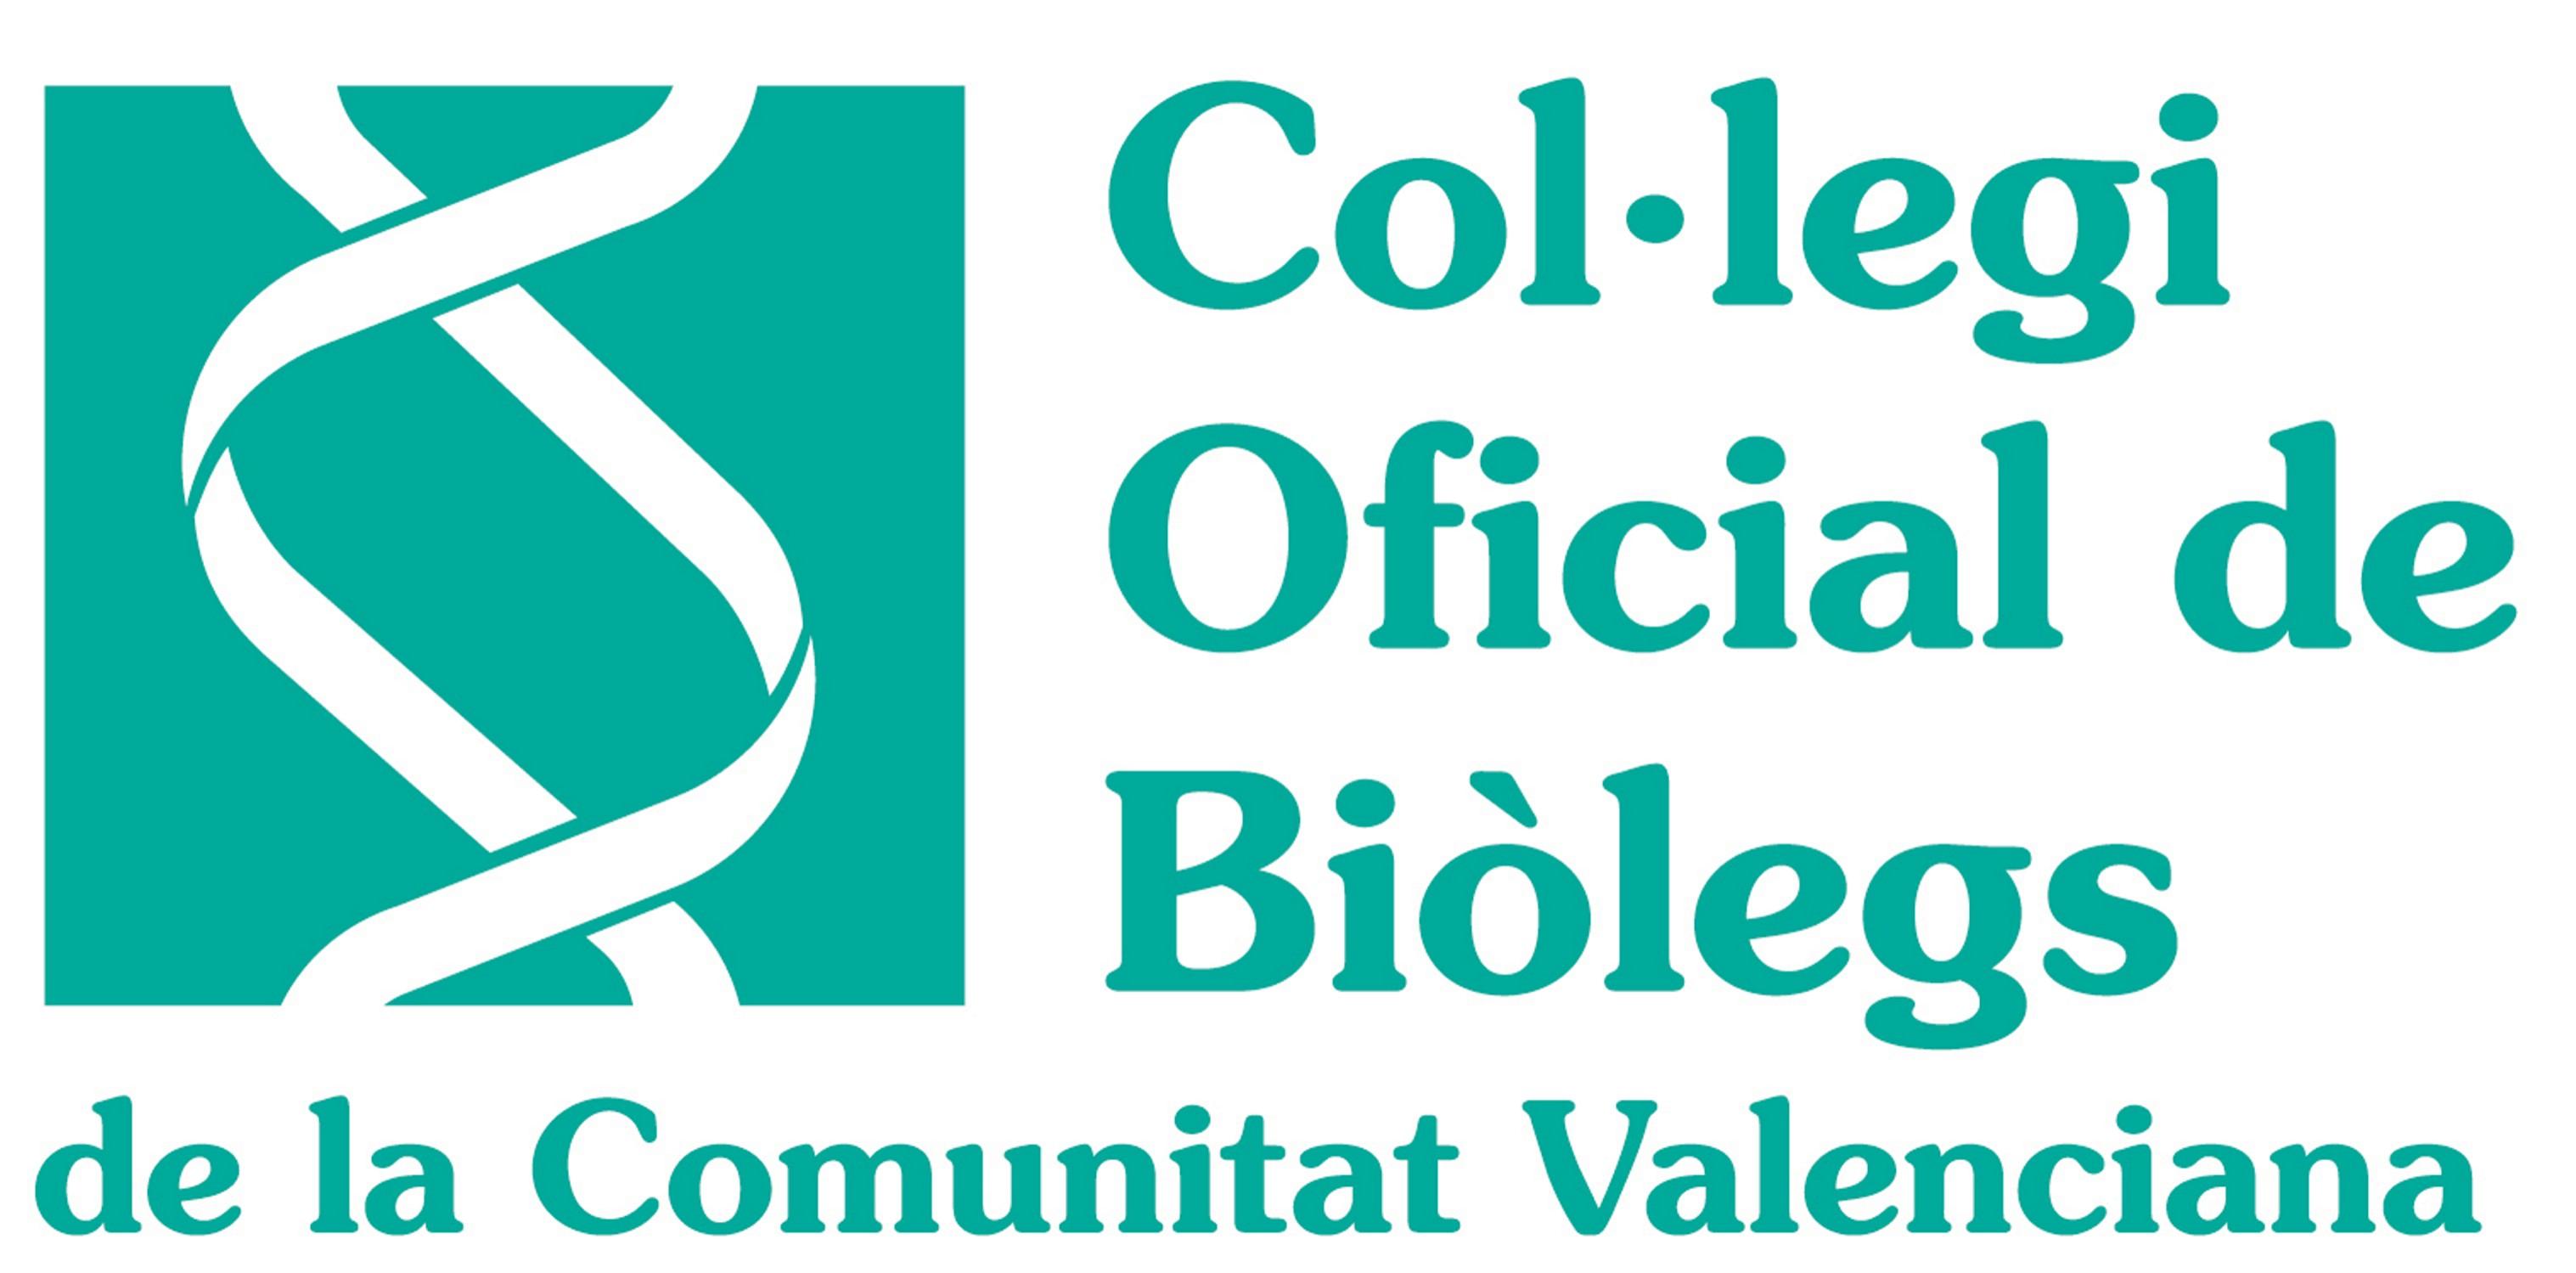 Col·legi Oficial de Biòlegs de la Comunitat Valenciana